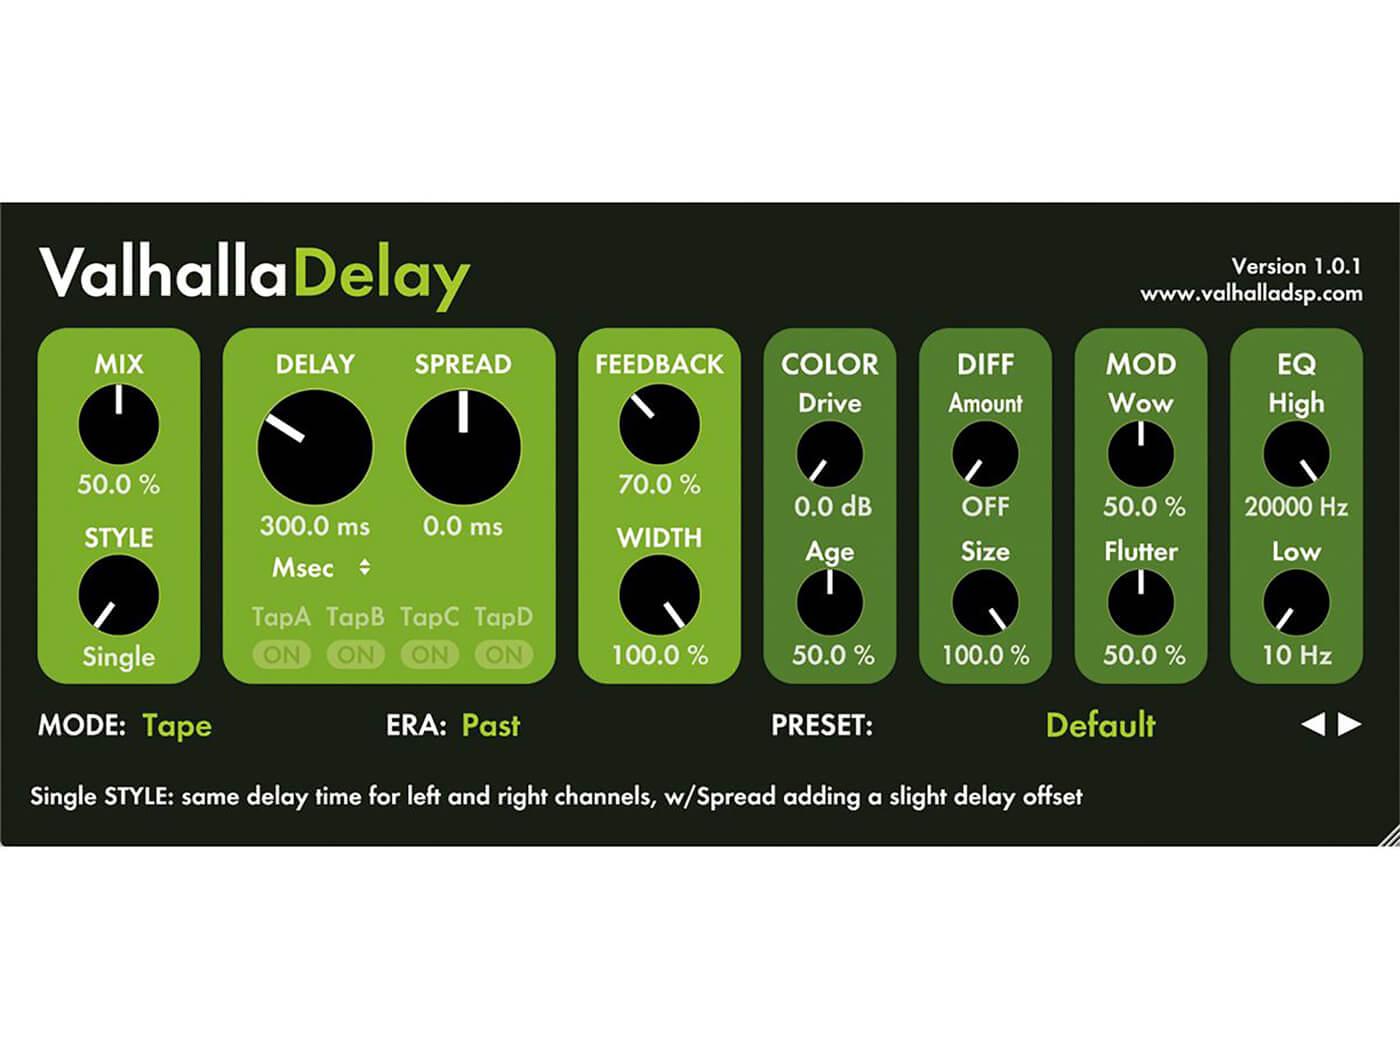 Valhalla Delay